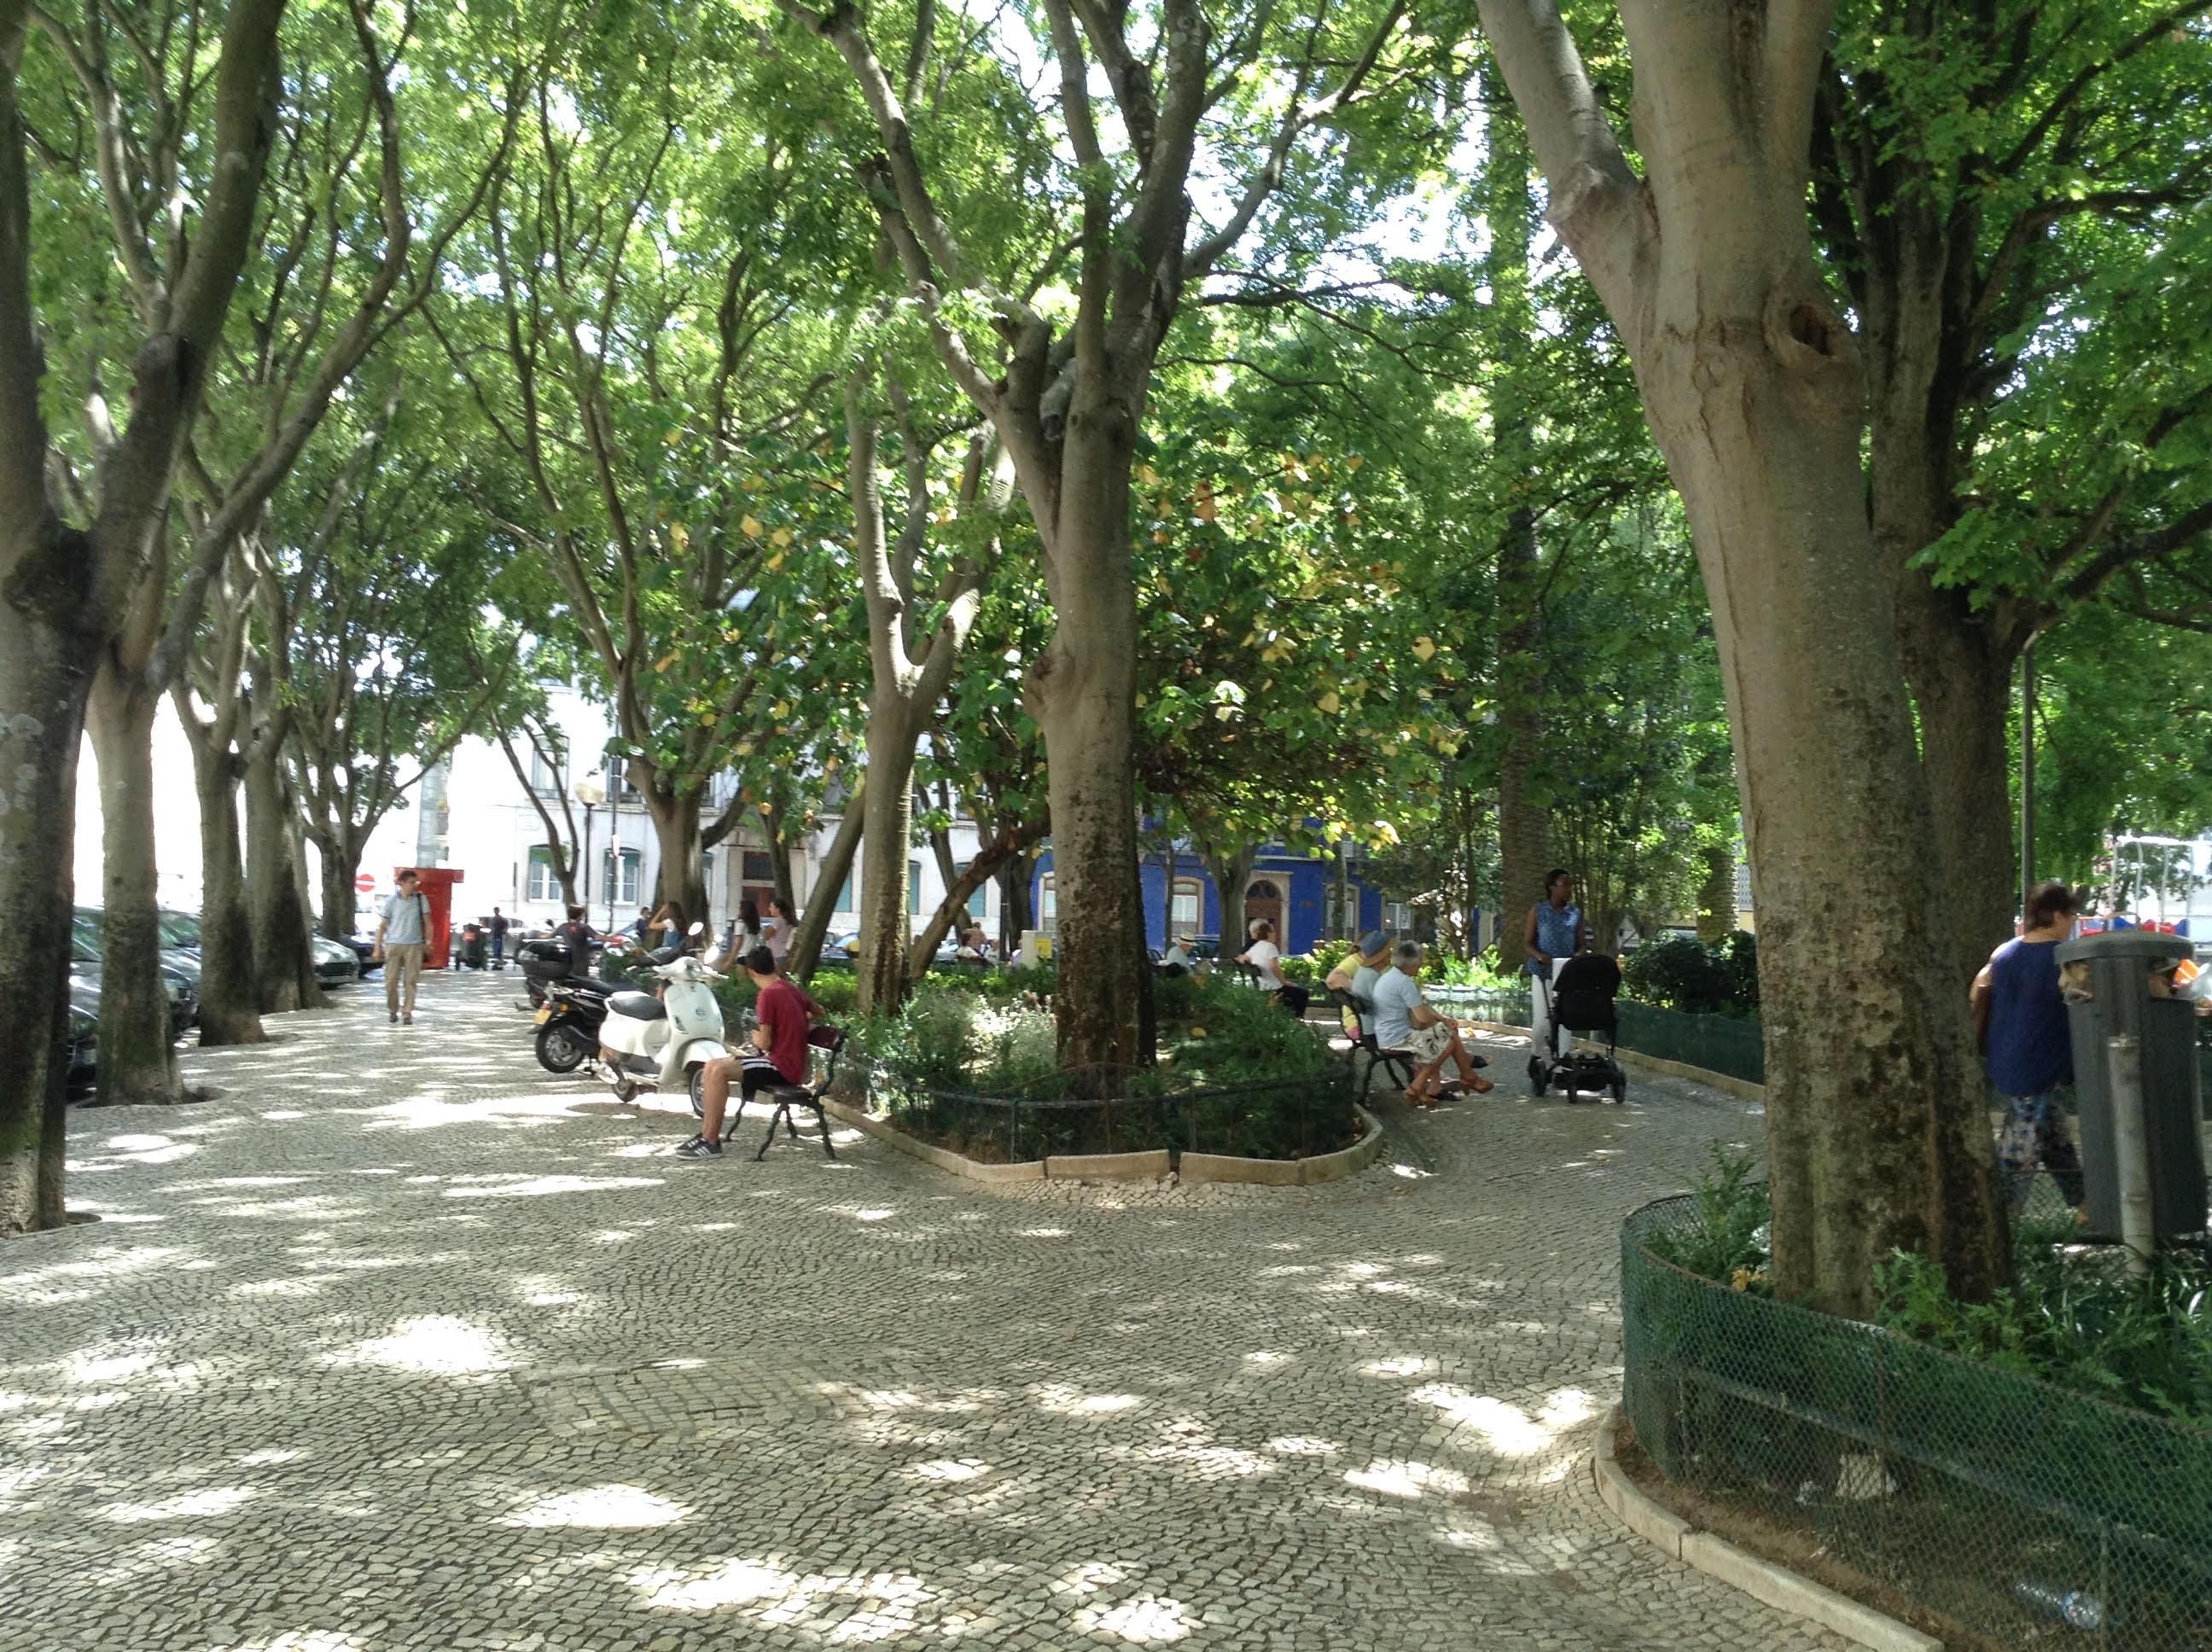 parque teofilo braga jardim da parada em campo de ourique lisboa